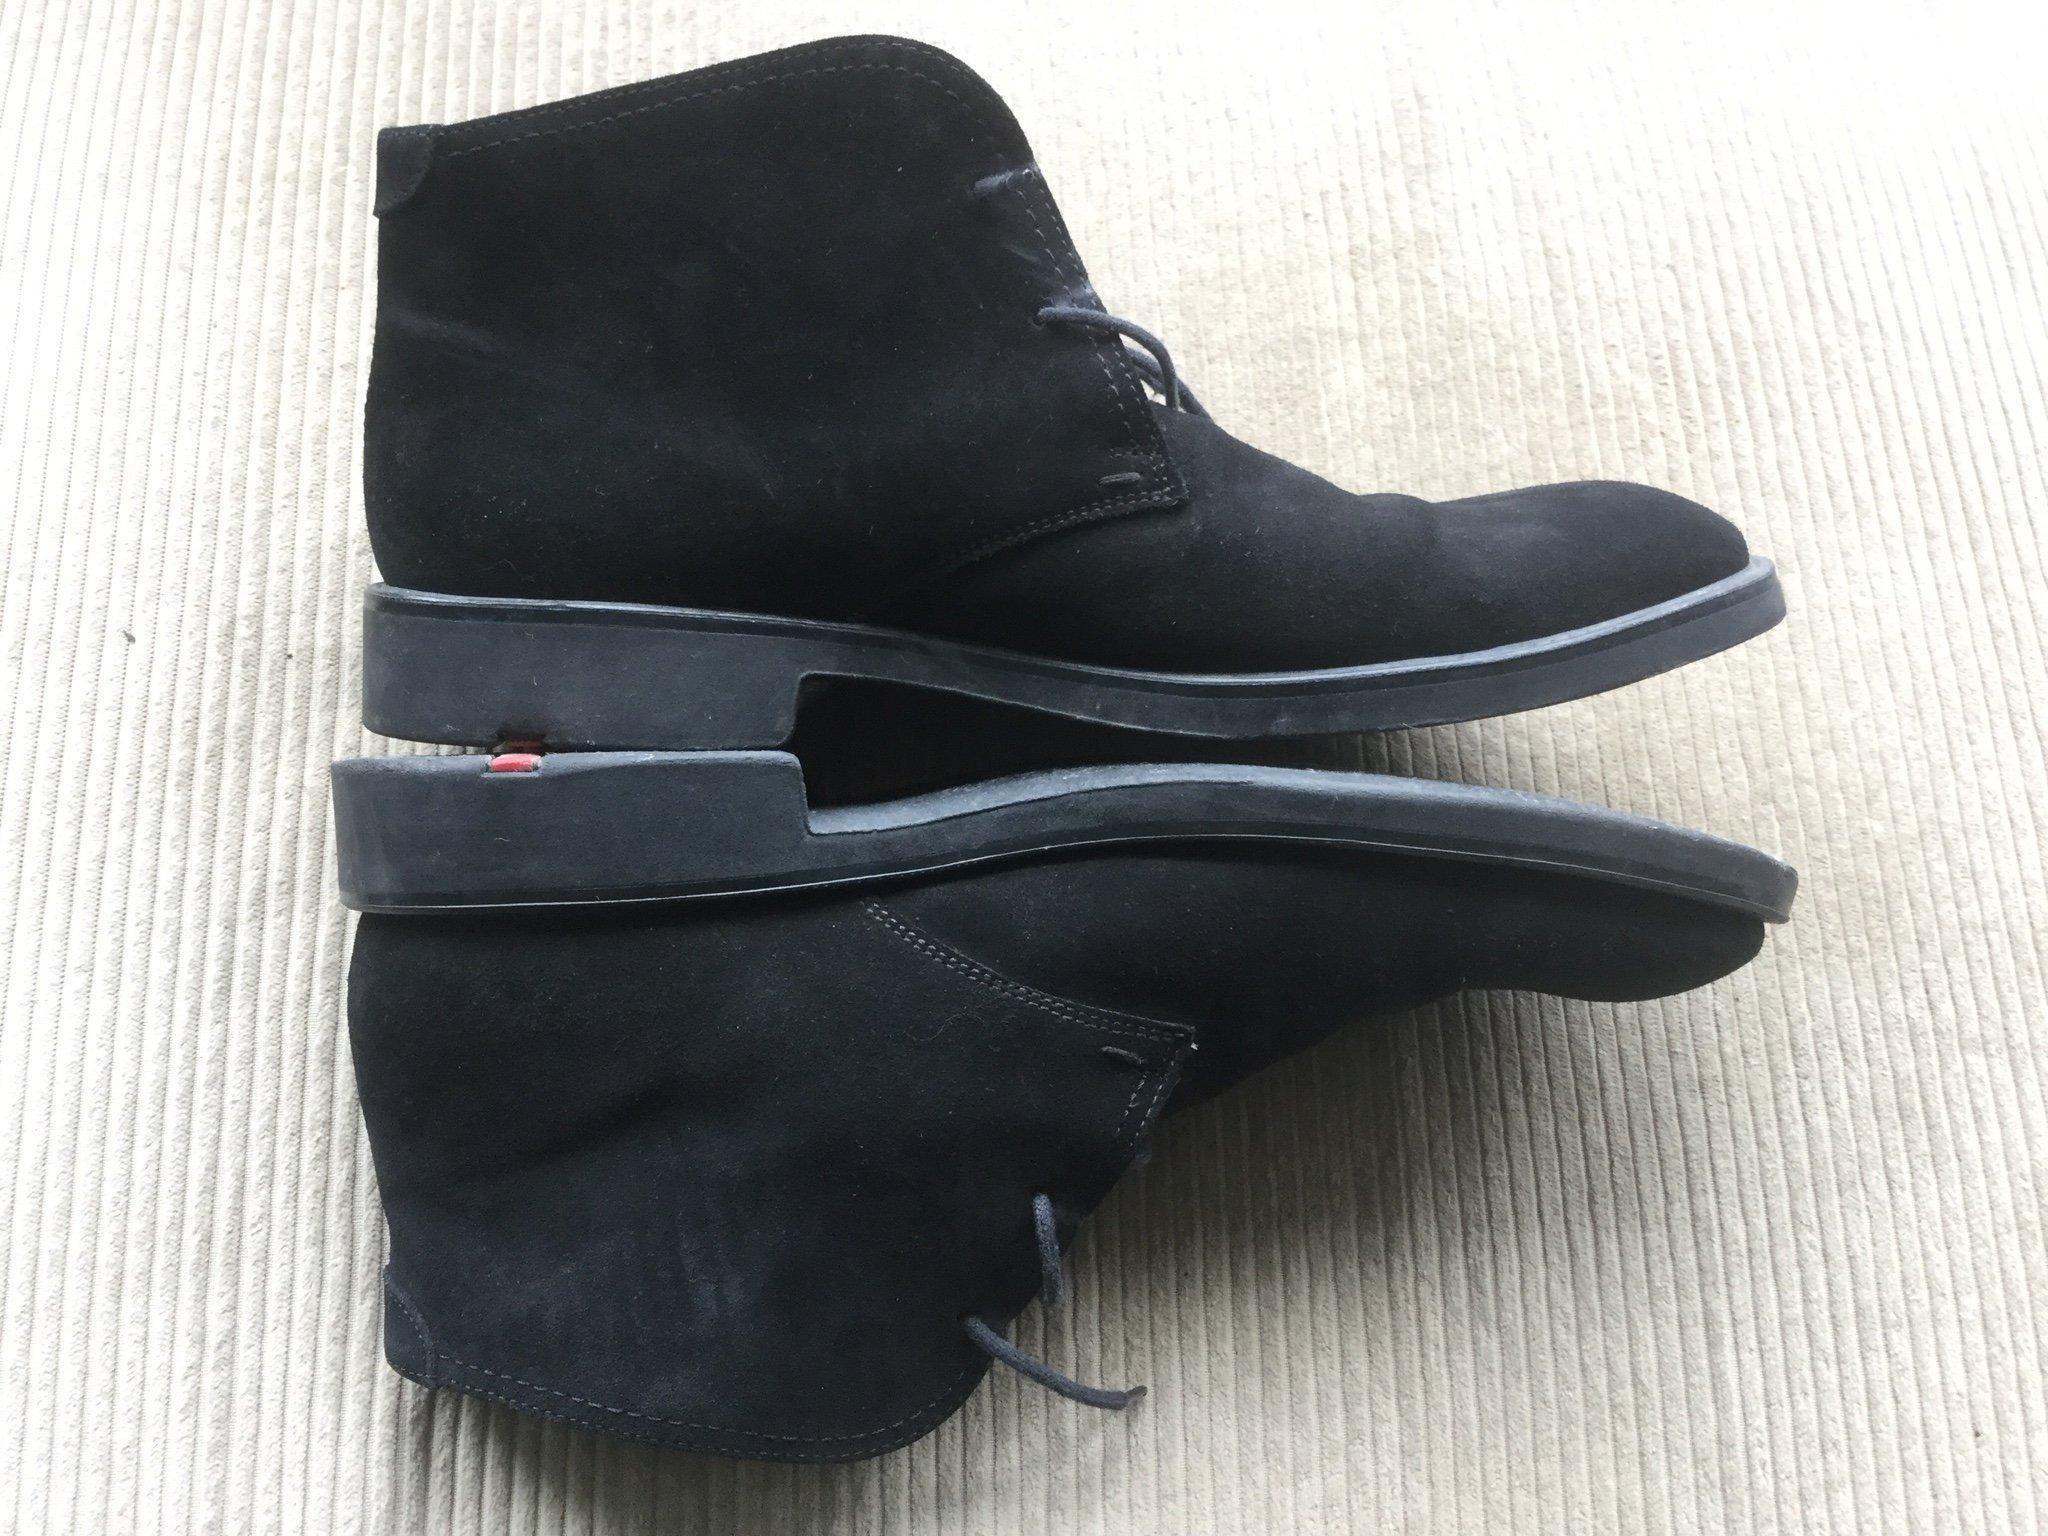 18e2602ee0f Svarta skor från Lloyd stl 8 (352337280) ᐈ Köp på Tradera